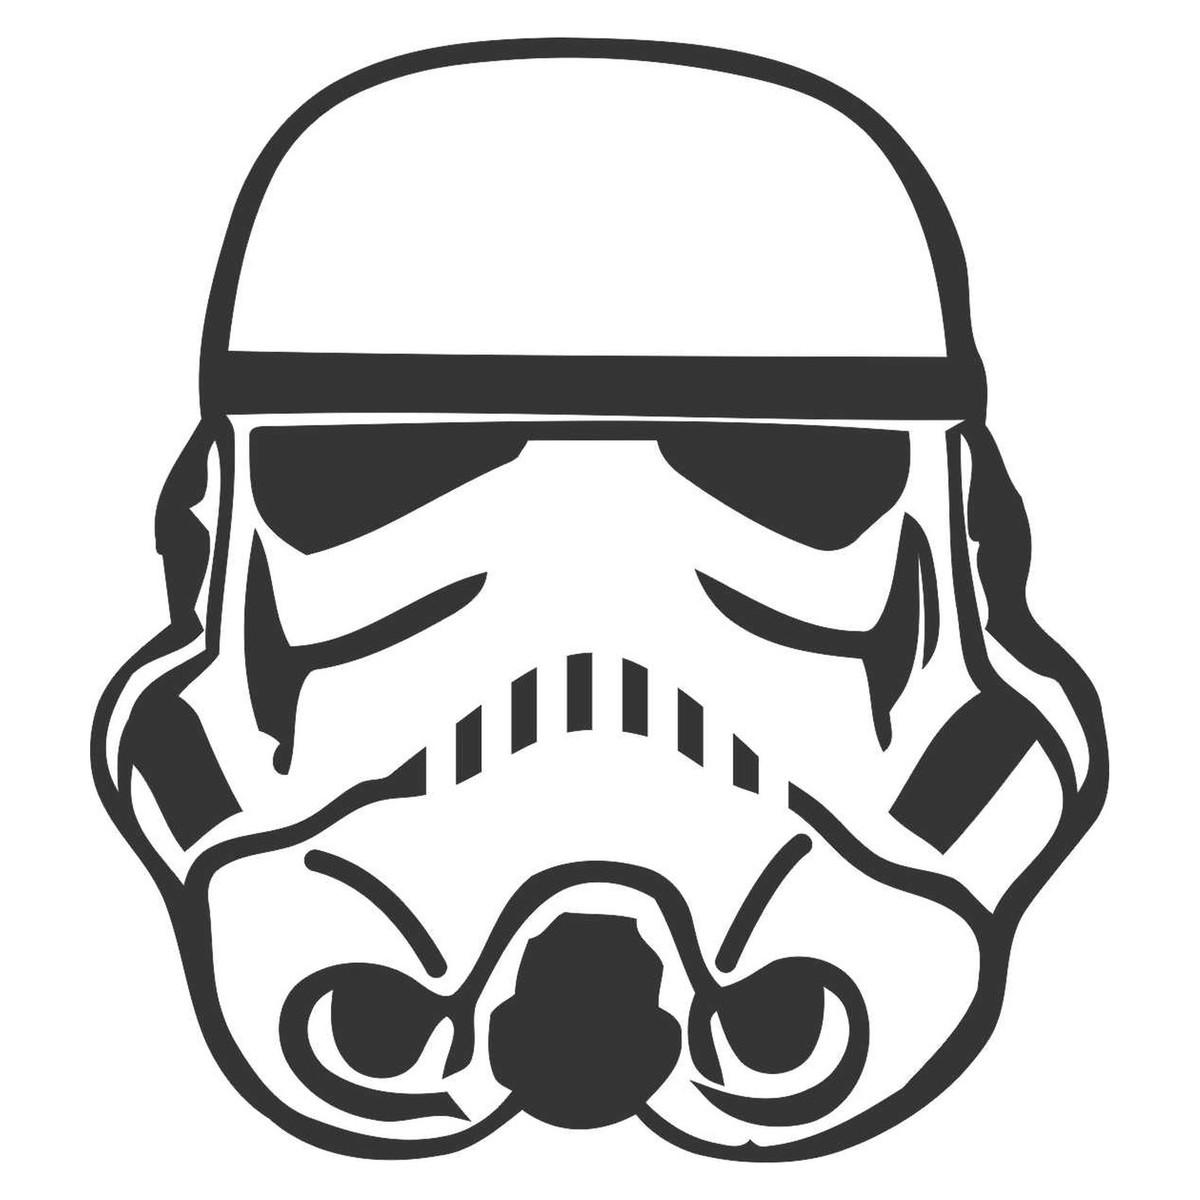 adesivo starwars stormtrooper queen ind u00dastria de star wars free vector star wars rebel logo vector